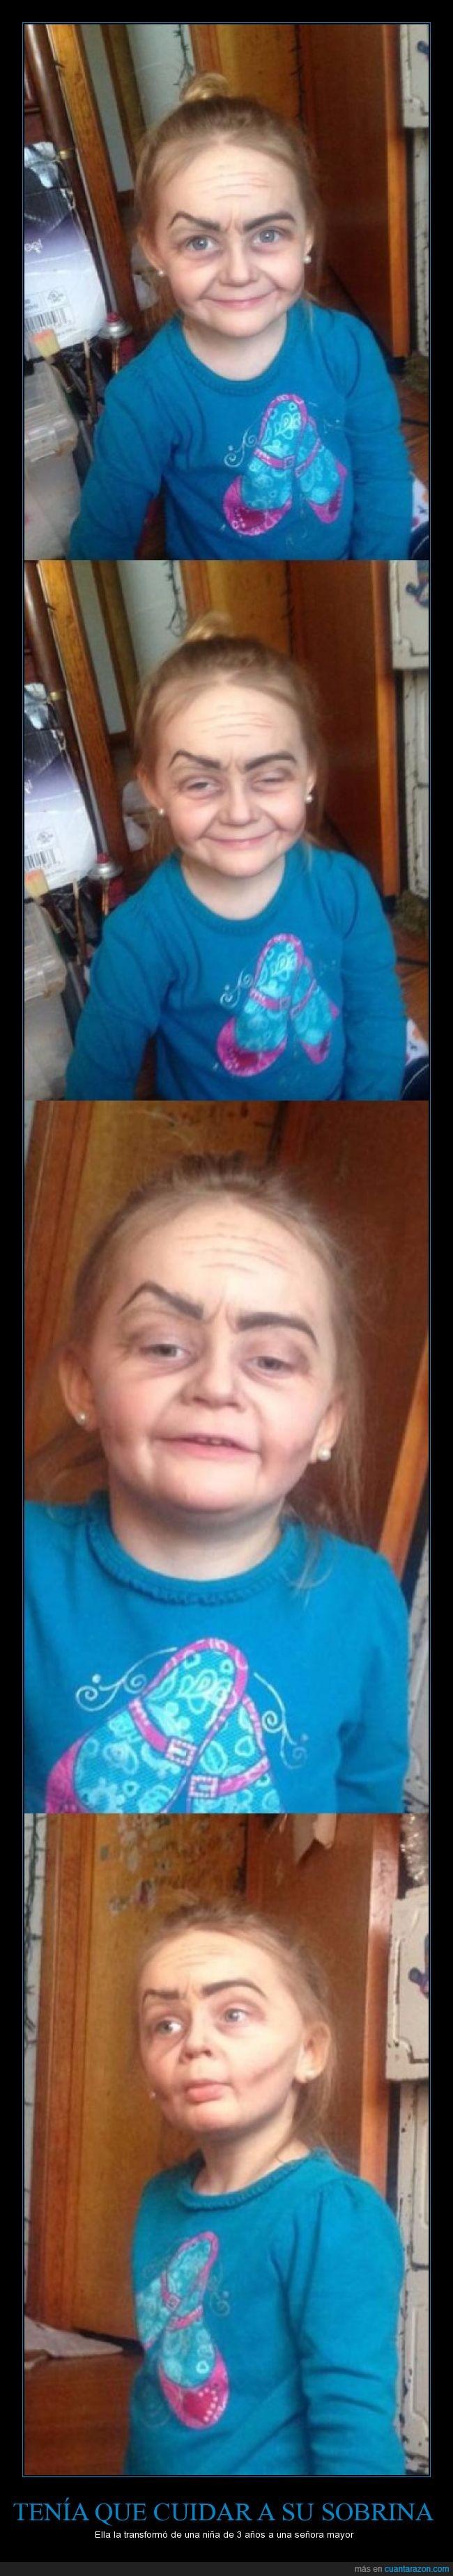 abuela,años,arrugas,edad,maquillaje,mayor,mujer,niña,señora,sobrina,tia,tres